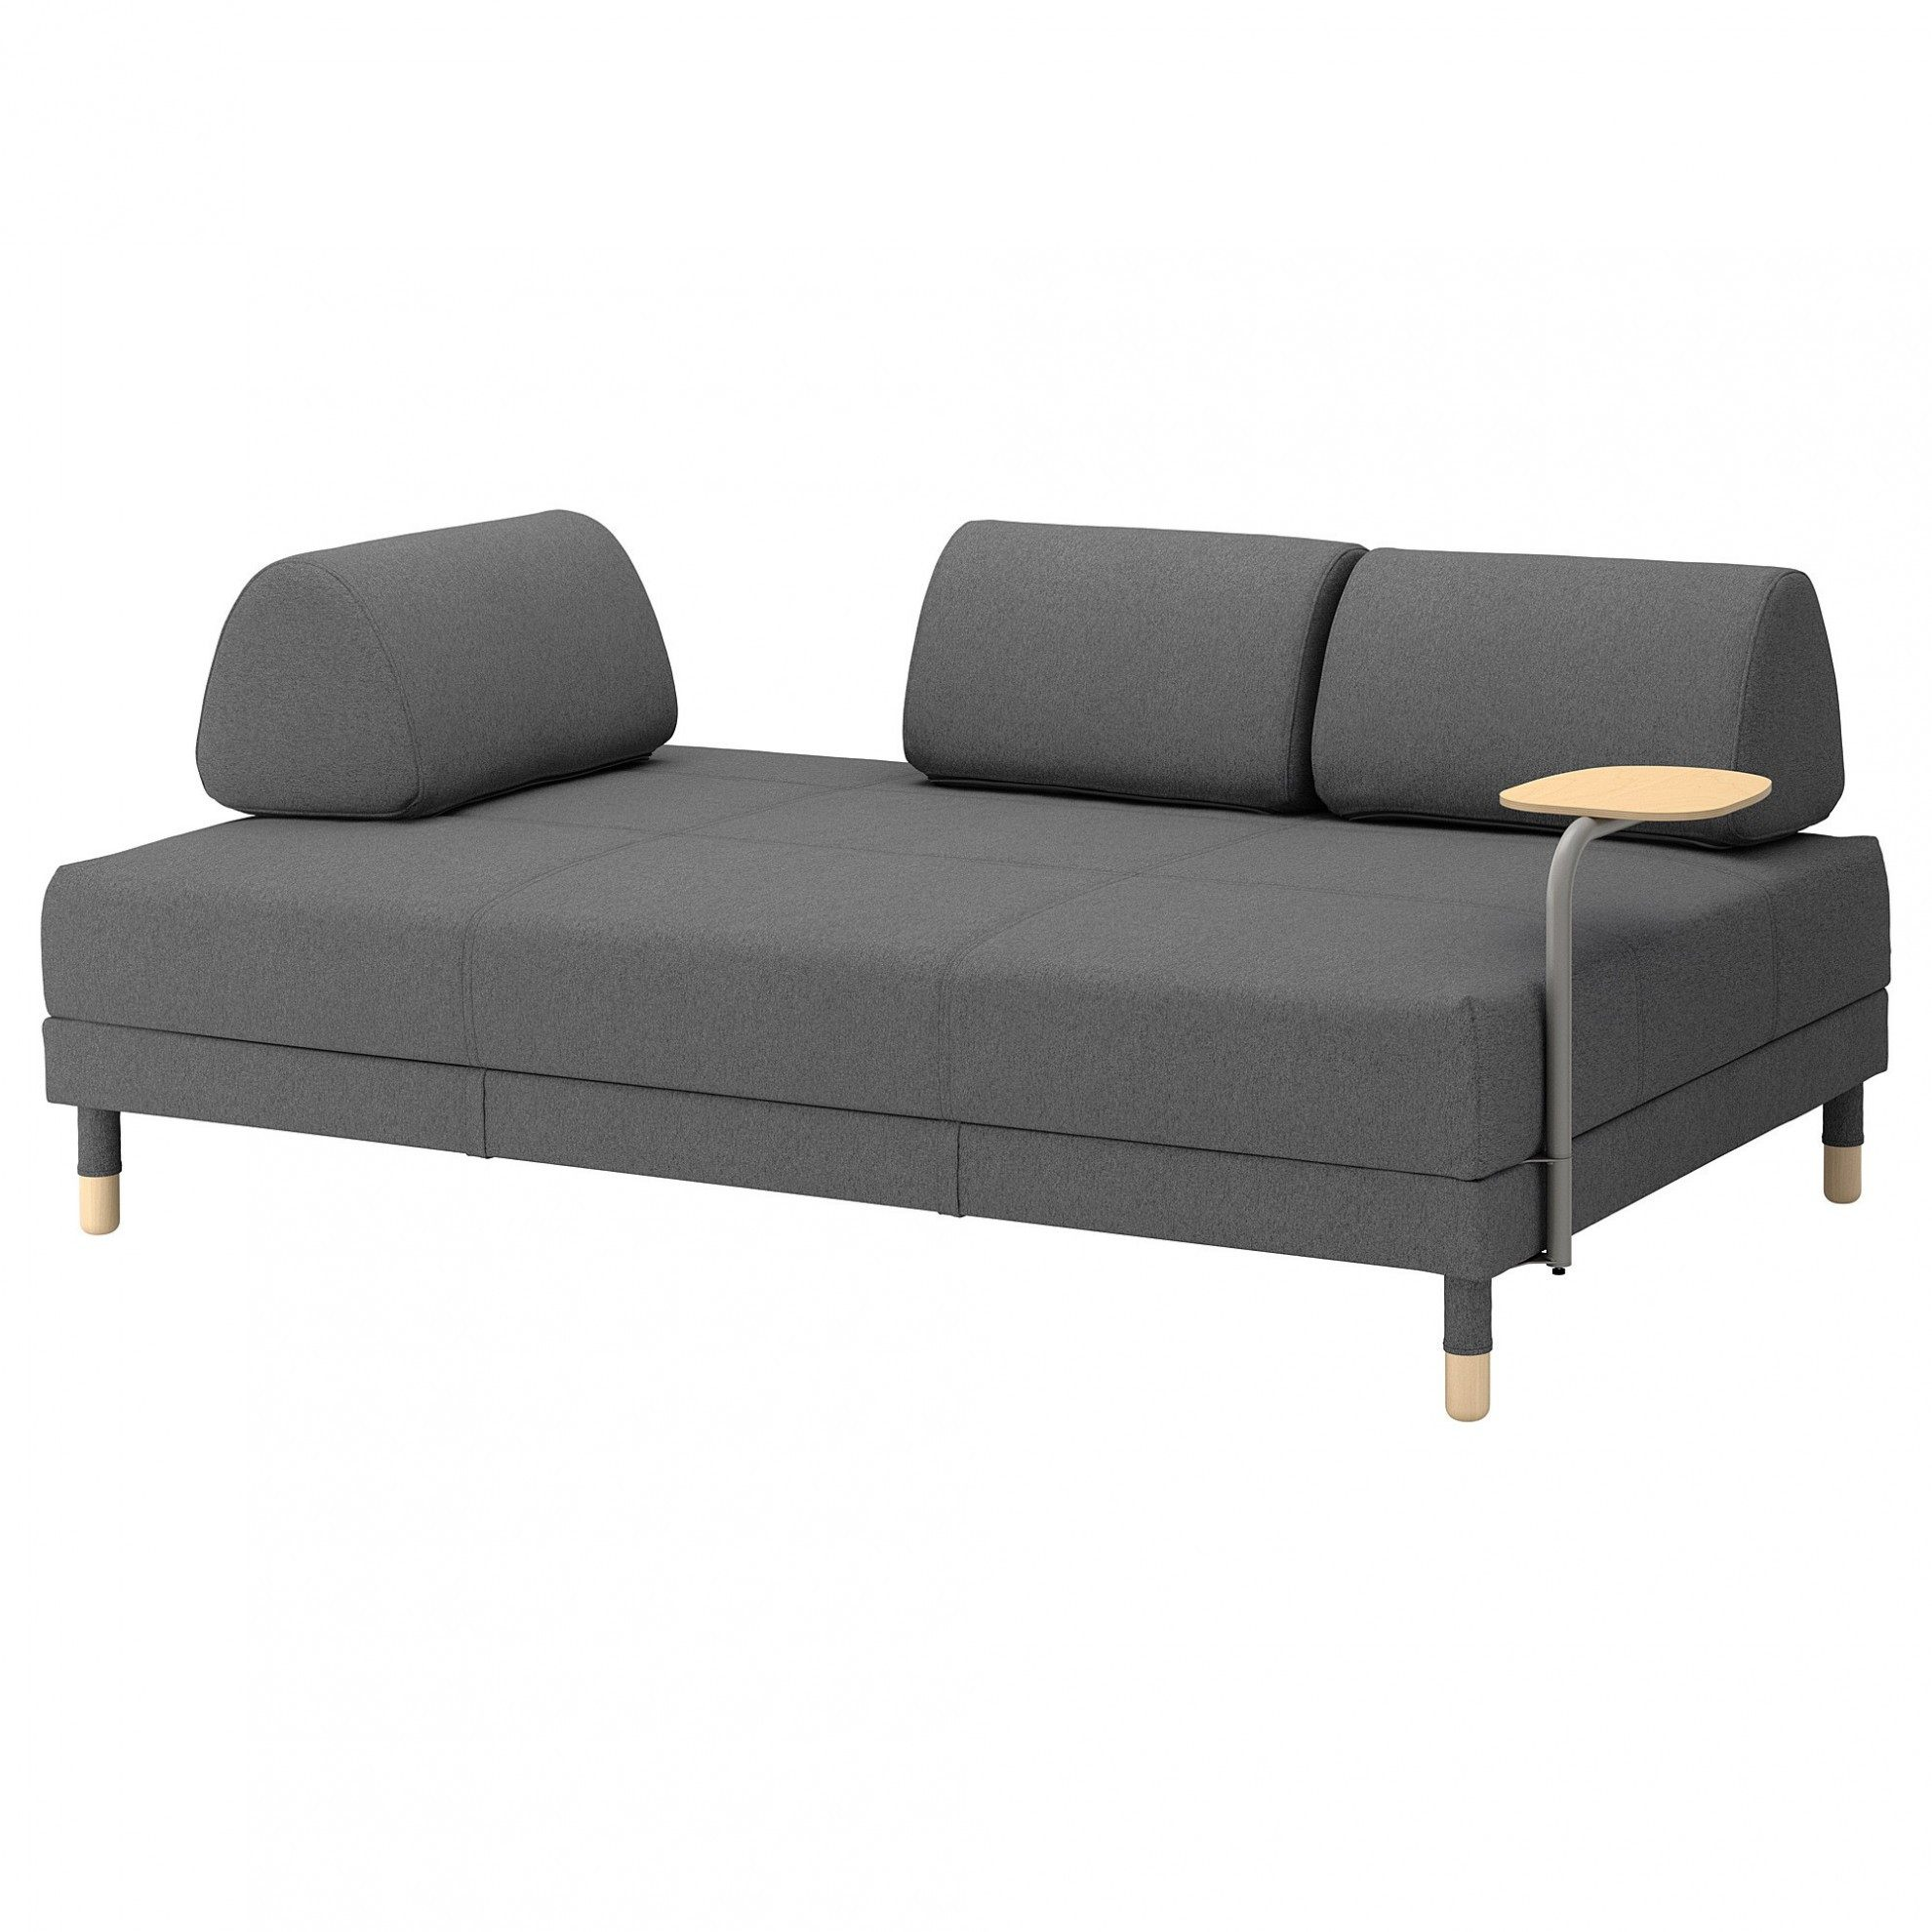 Lit Superposé Avec Canapé Magnifique Entra Nant Lit Superposé Avec Canapé Sur Lit Biné Armoire Fresh Lit